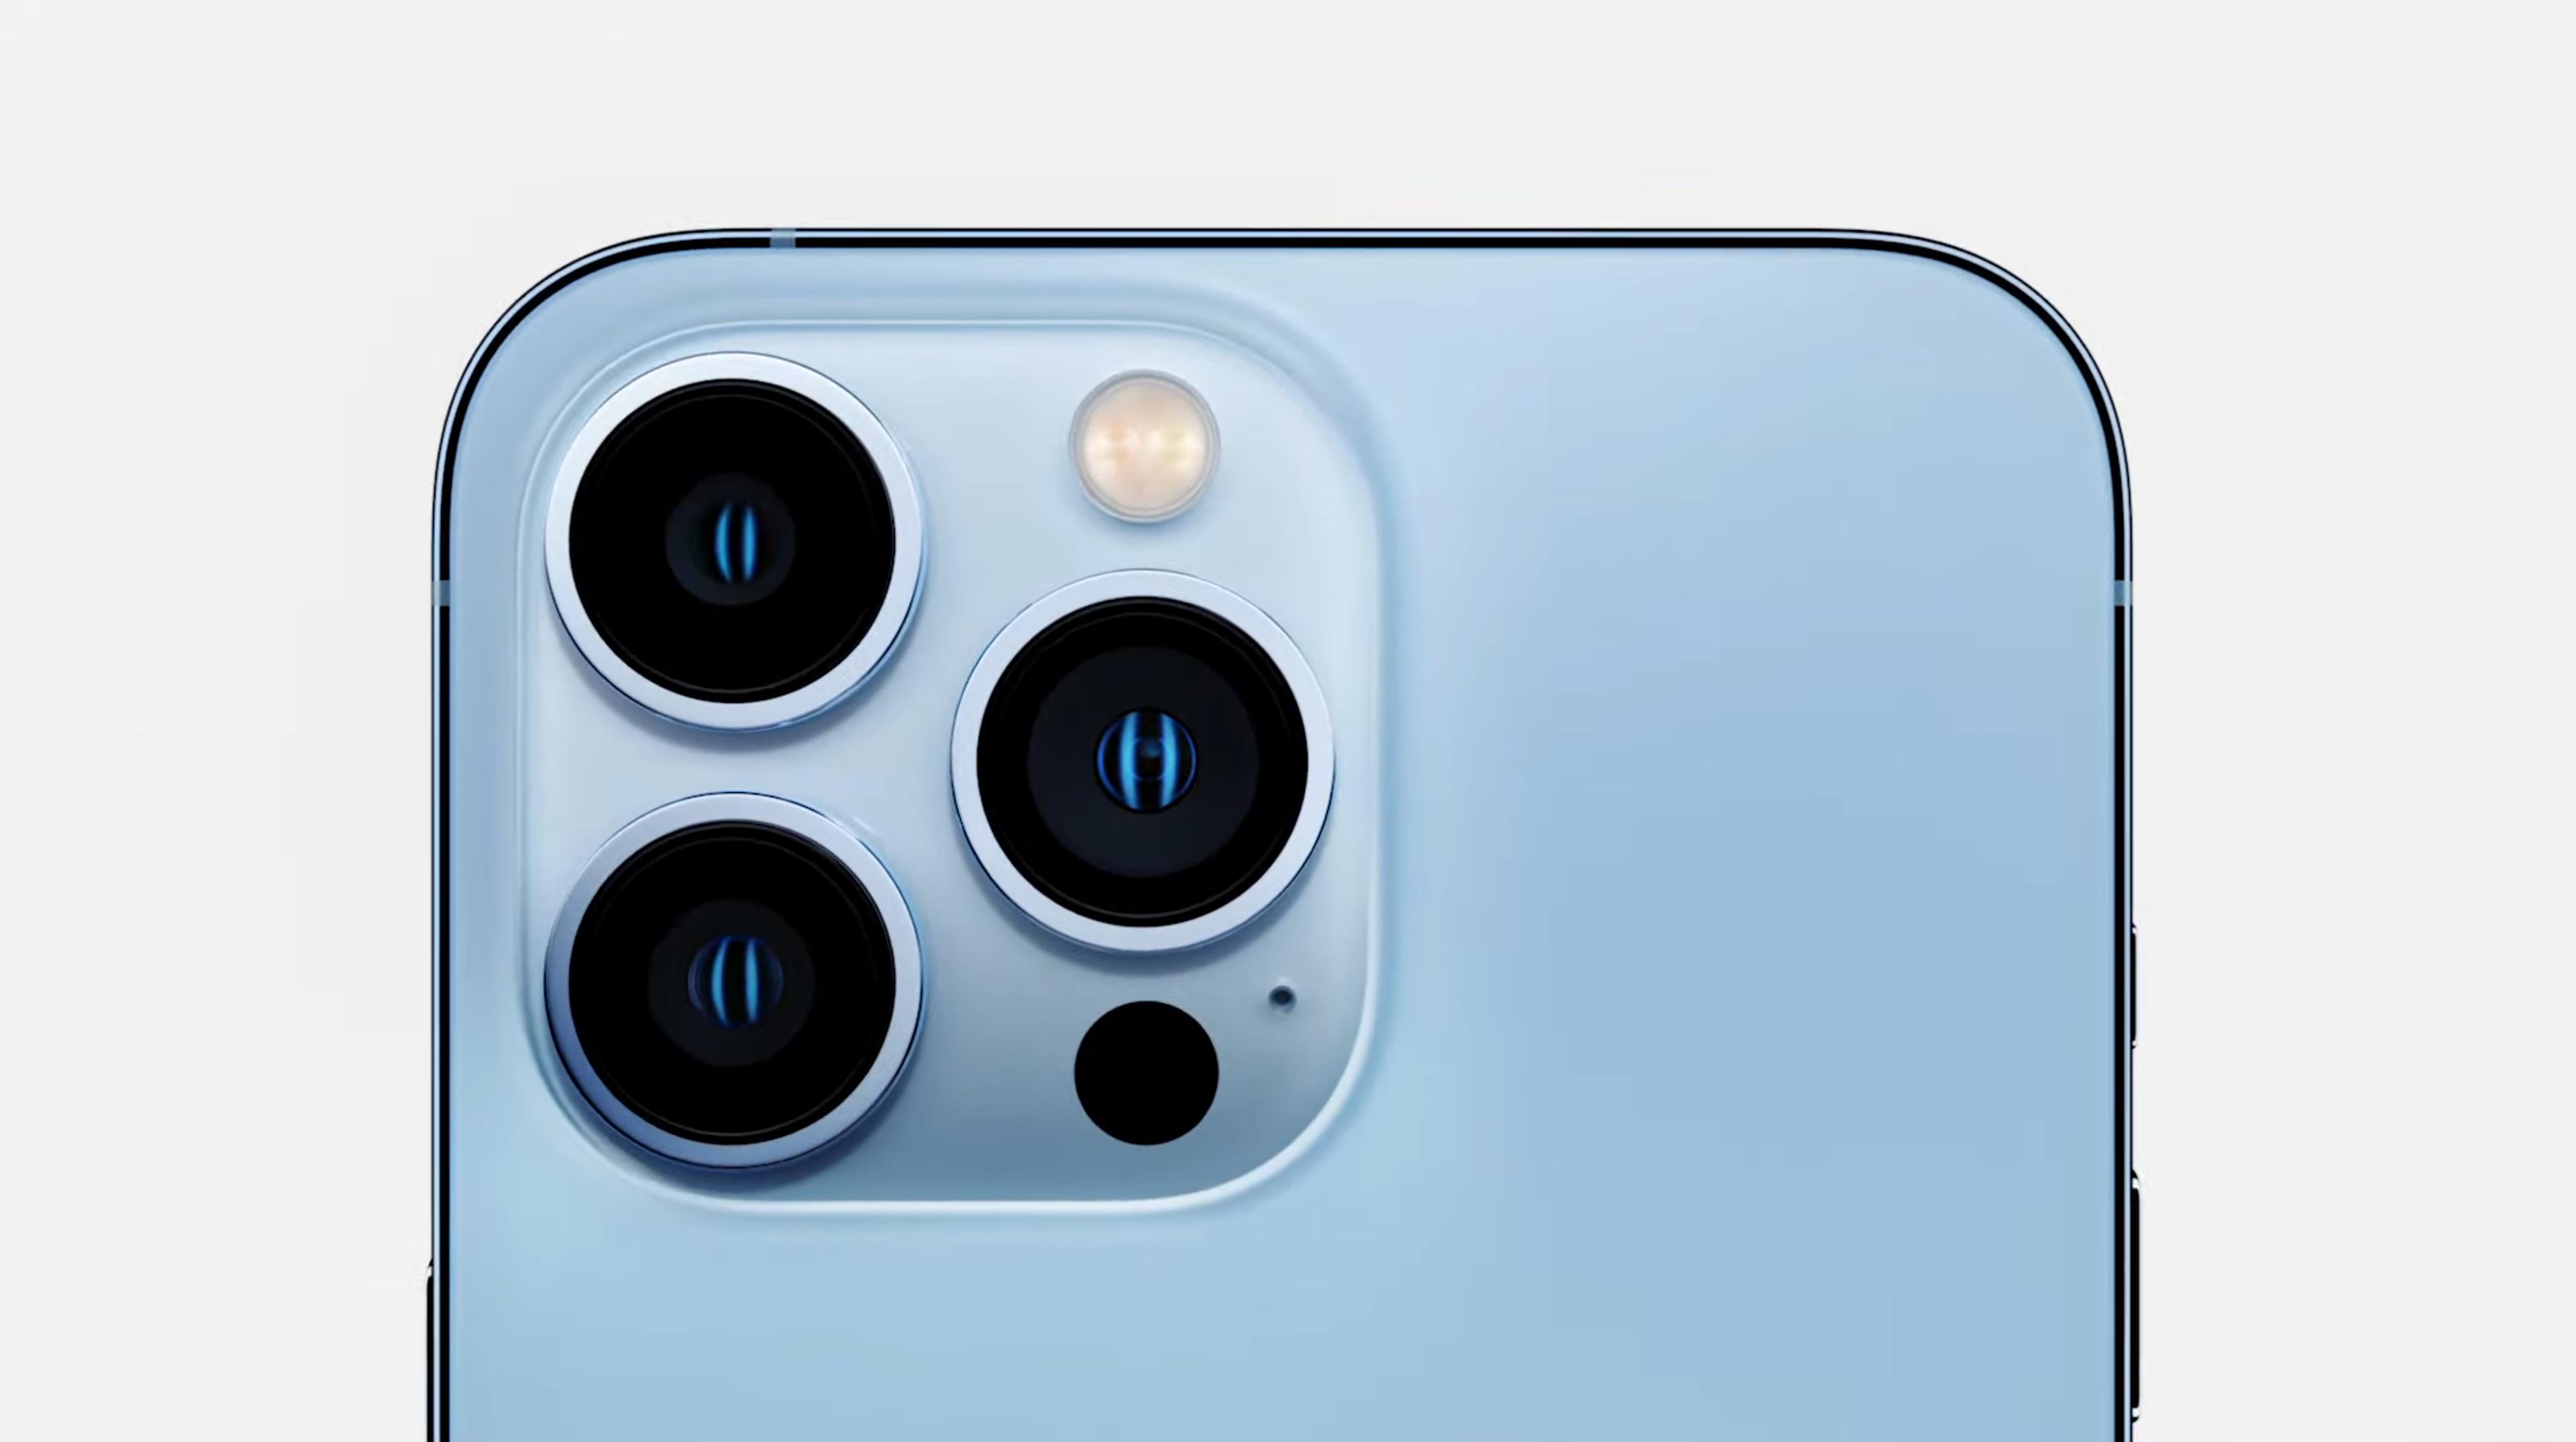 Apple представила флагманские смартфоны iPhone 13 Pro с лучшим экраном в истории